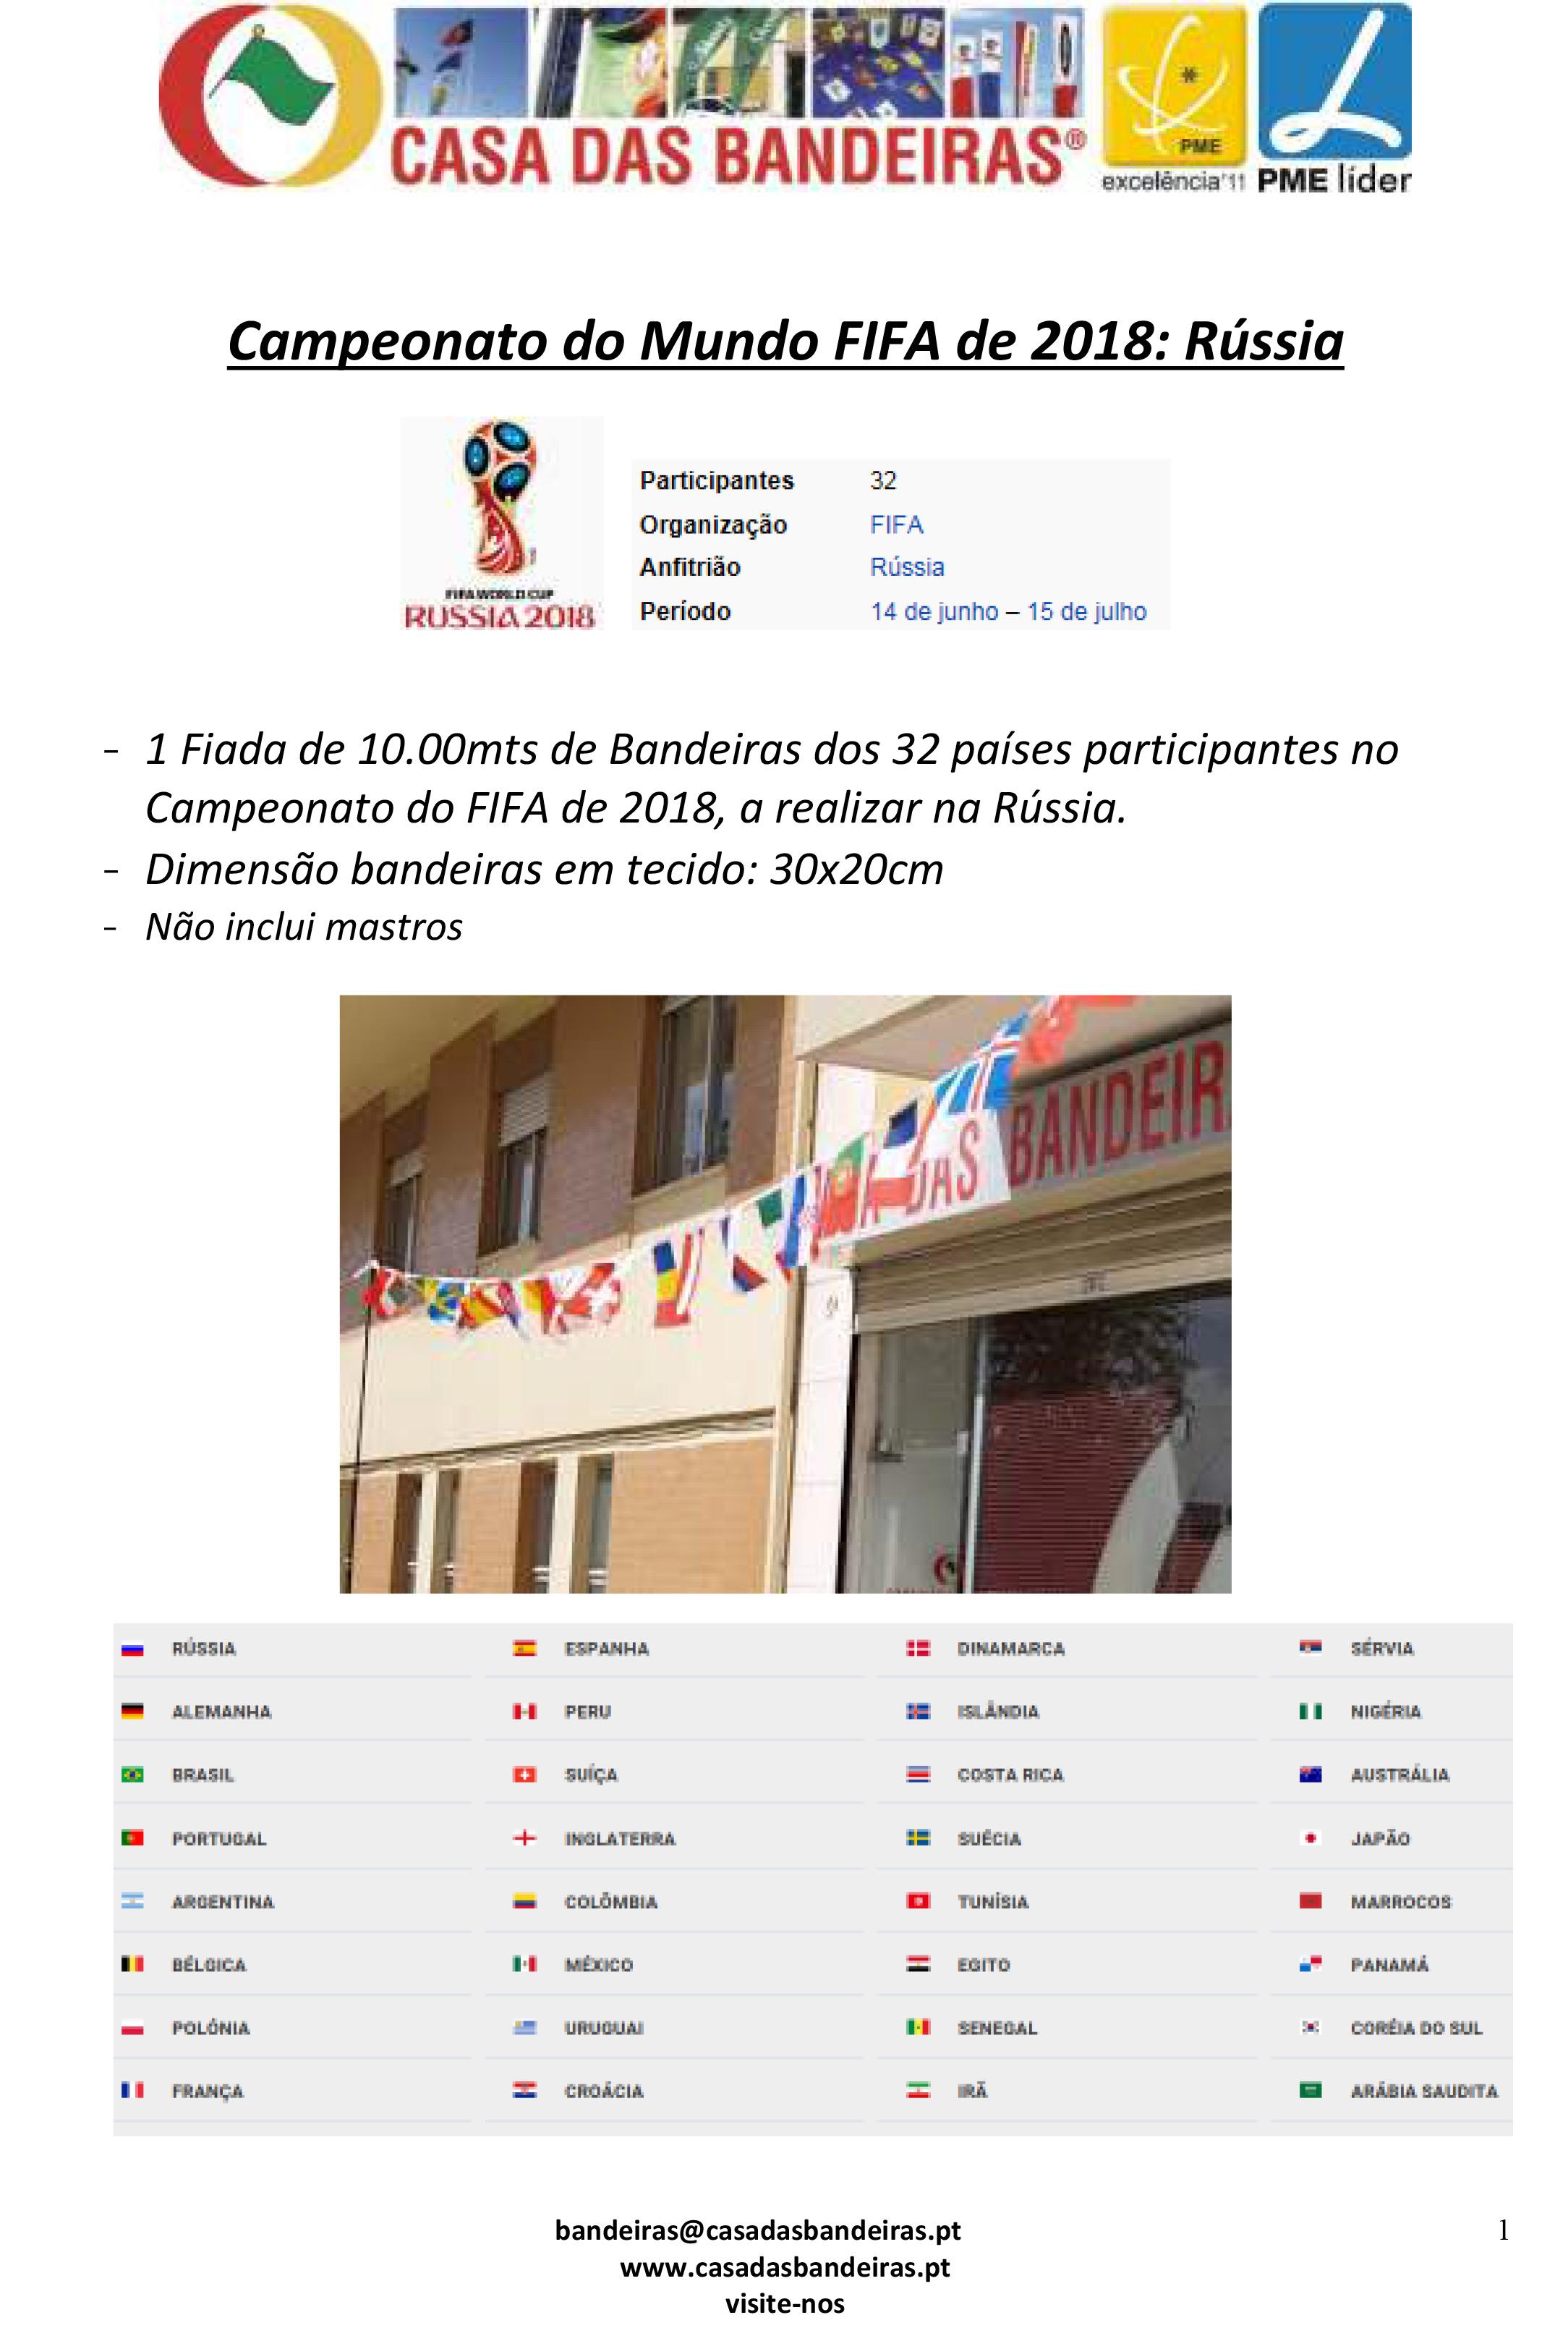 (Microsoft Word - Campeonato do Mundo FIFA 2018, R372ssia.doc)